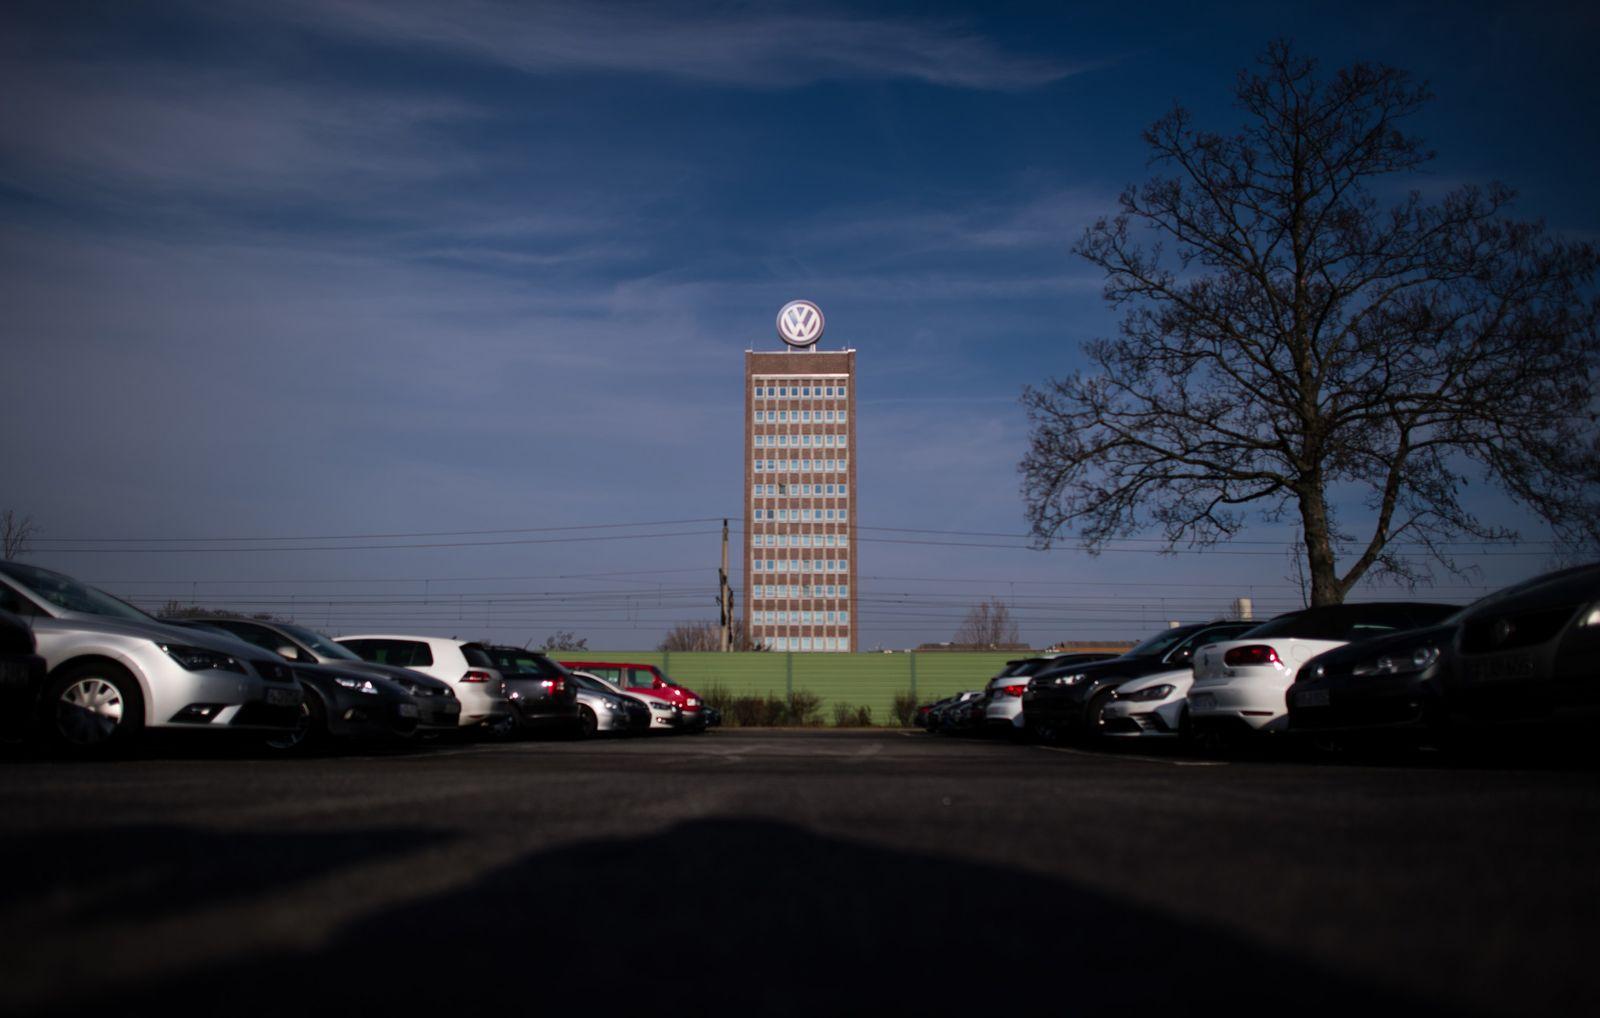 Abgass / Volkswagen